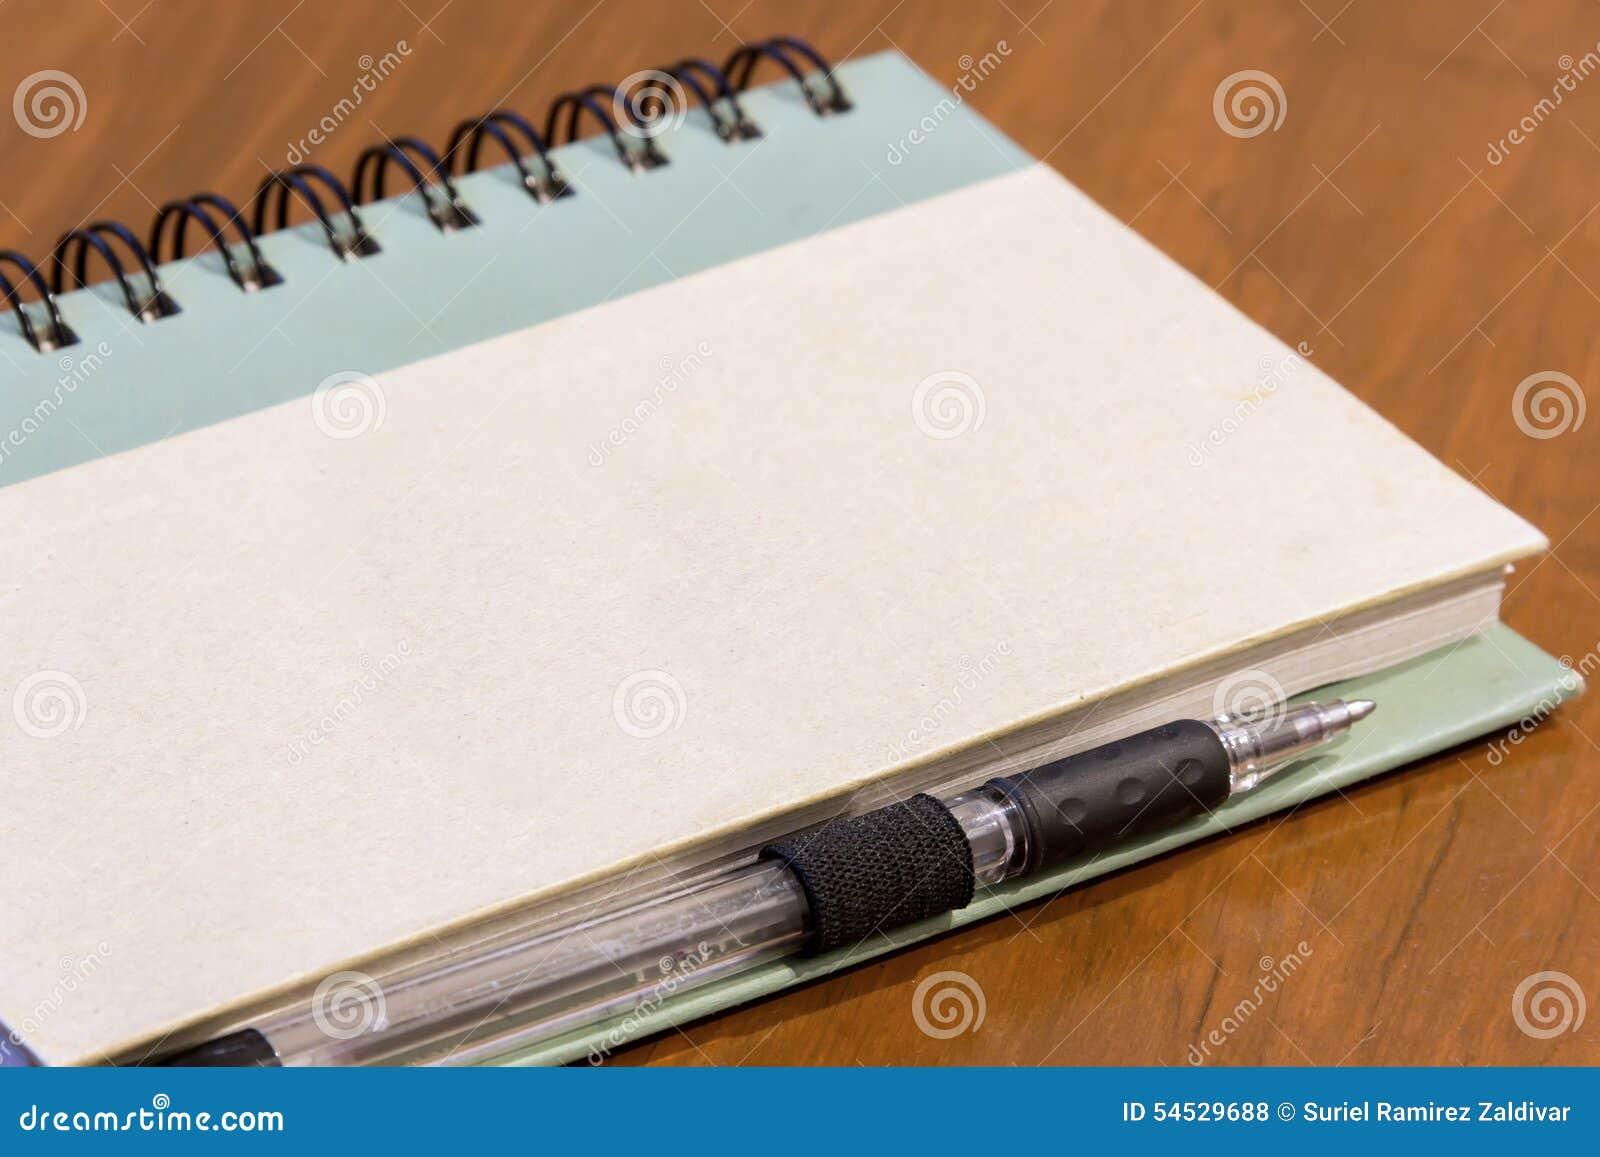 таблицы из блокнота фотографа просмотров